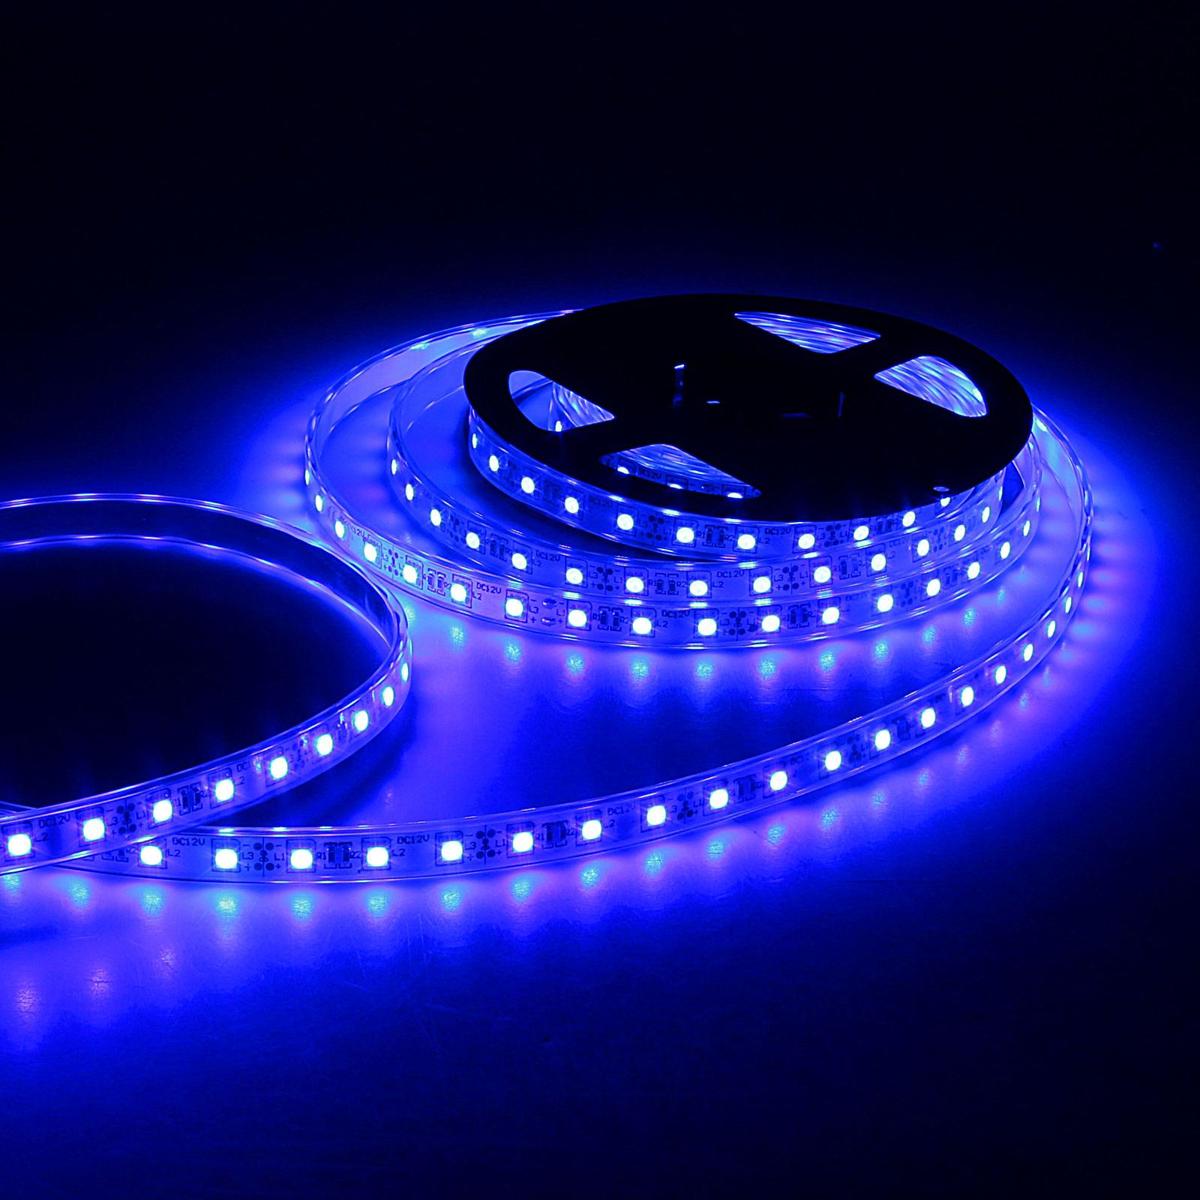 Светодиодная лента Sima-land, 12В, SMD5050, длина 5 м, IP68, 60 LED ламп, 14.4 Вт/м, 10-12 Лм/1 LED, DC, цвет: синий848572Светодиодные гирлянды, ленты и т.д — это отличный вариант для новогоднего оформления интерьера или фасада. С их помощью помещение любого размера можно превратить в праздничный зал, а внешние элементы зданий, украшенные ими, мгновенно станут напоминать очертания сказочного дворца. Такие украшения создают ауру предвкушения чуда. Деревья, фасады, витрины, окна и арки будто специально созданы, чтобы вы украсили их светящимися нитями.